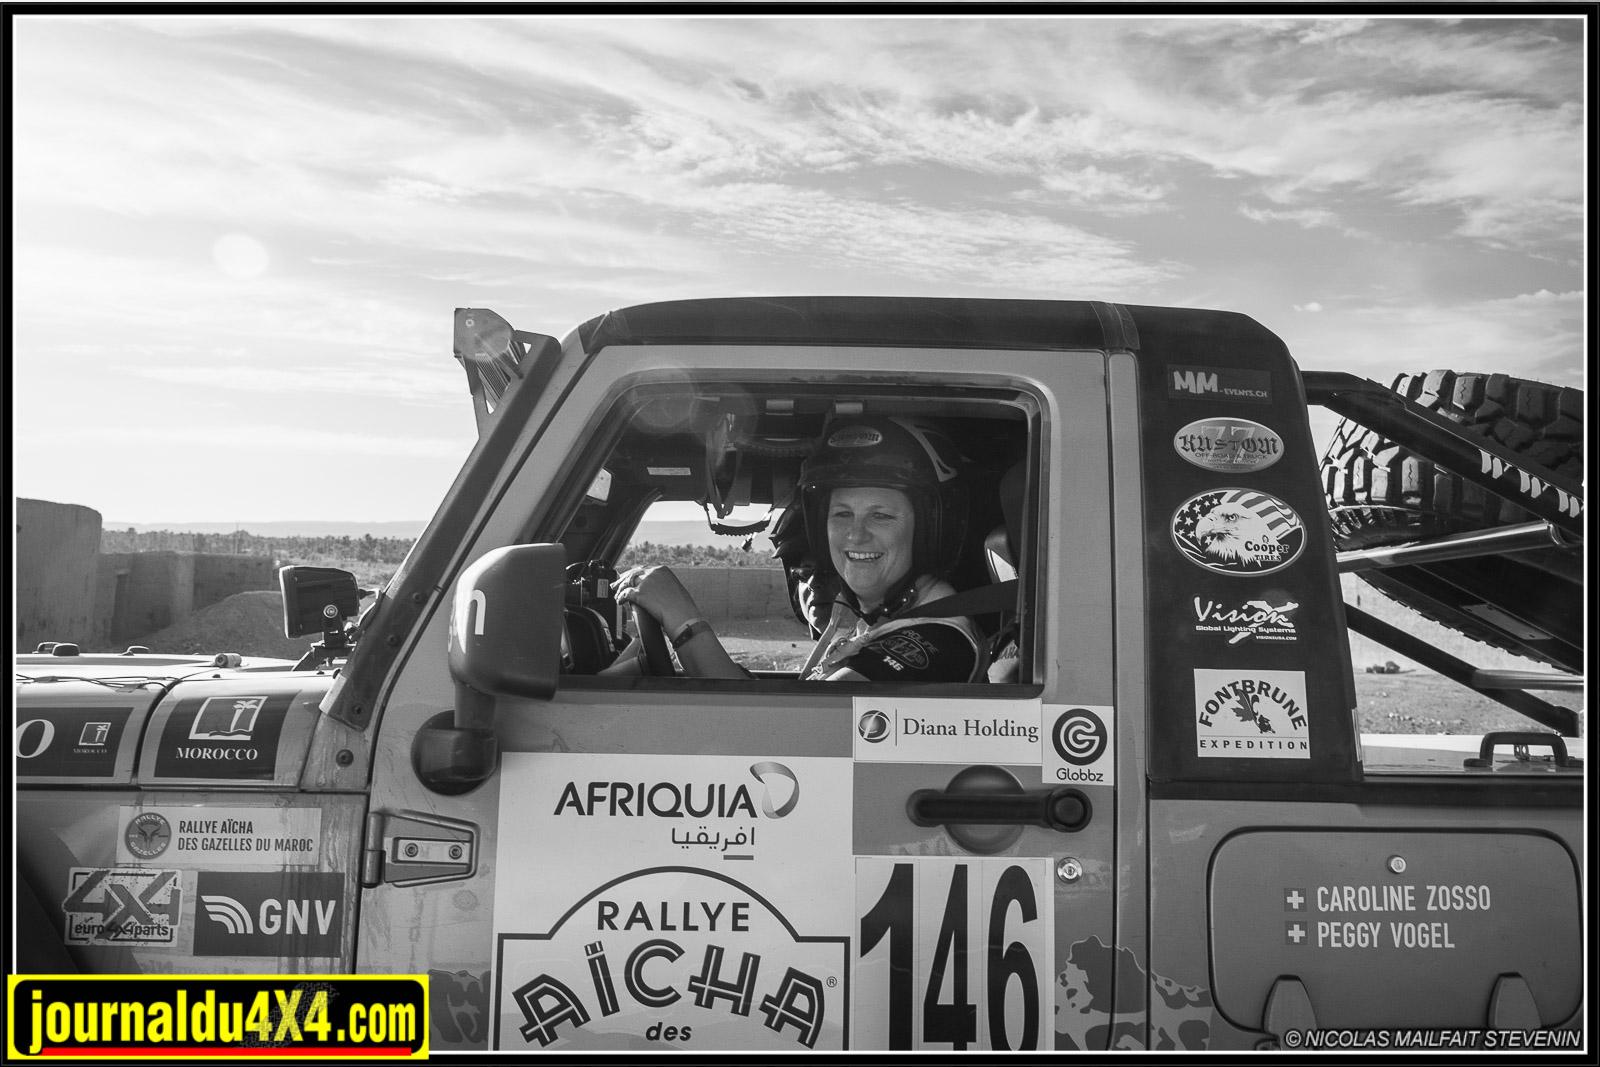 rallye-aicha-gazelles-maroc-2017-6903.jpg